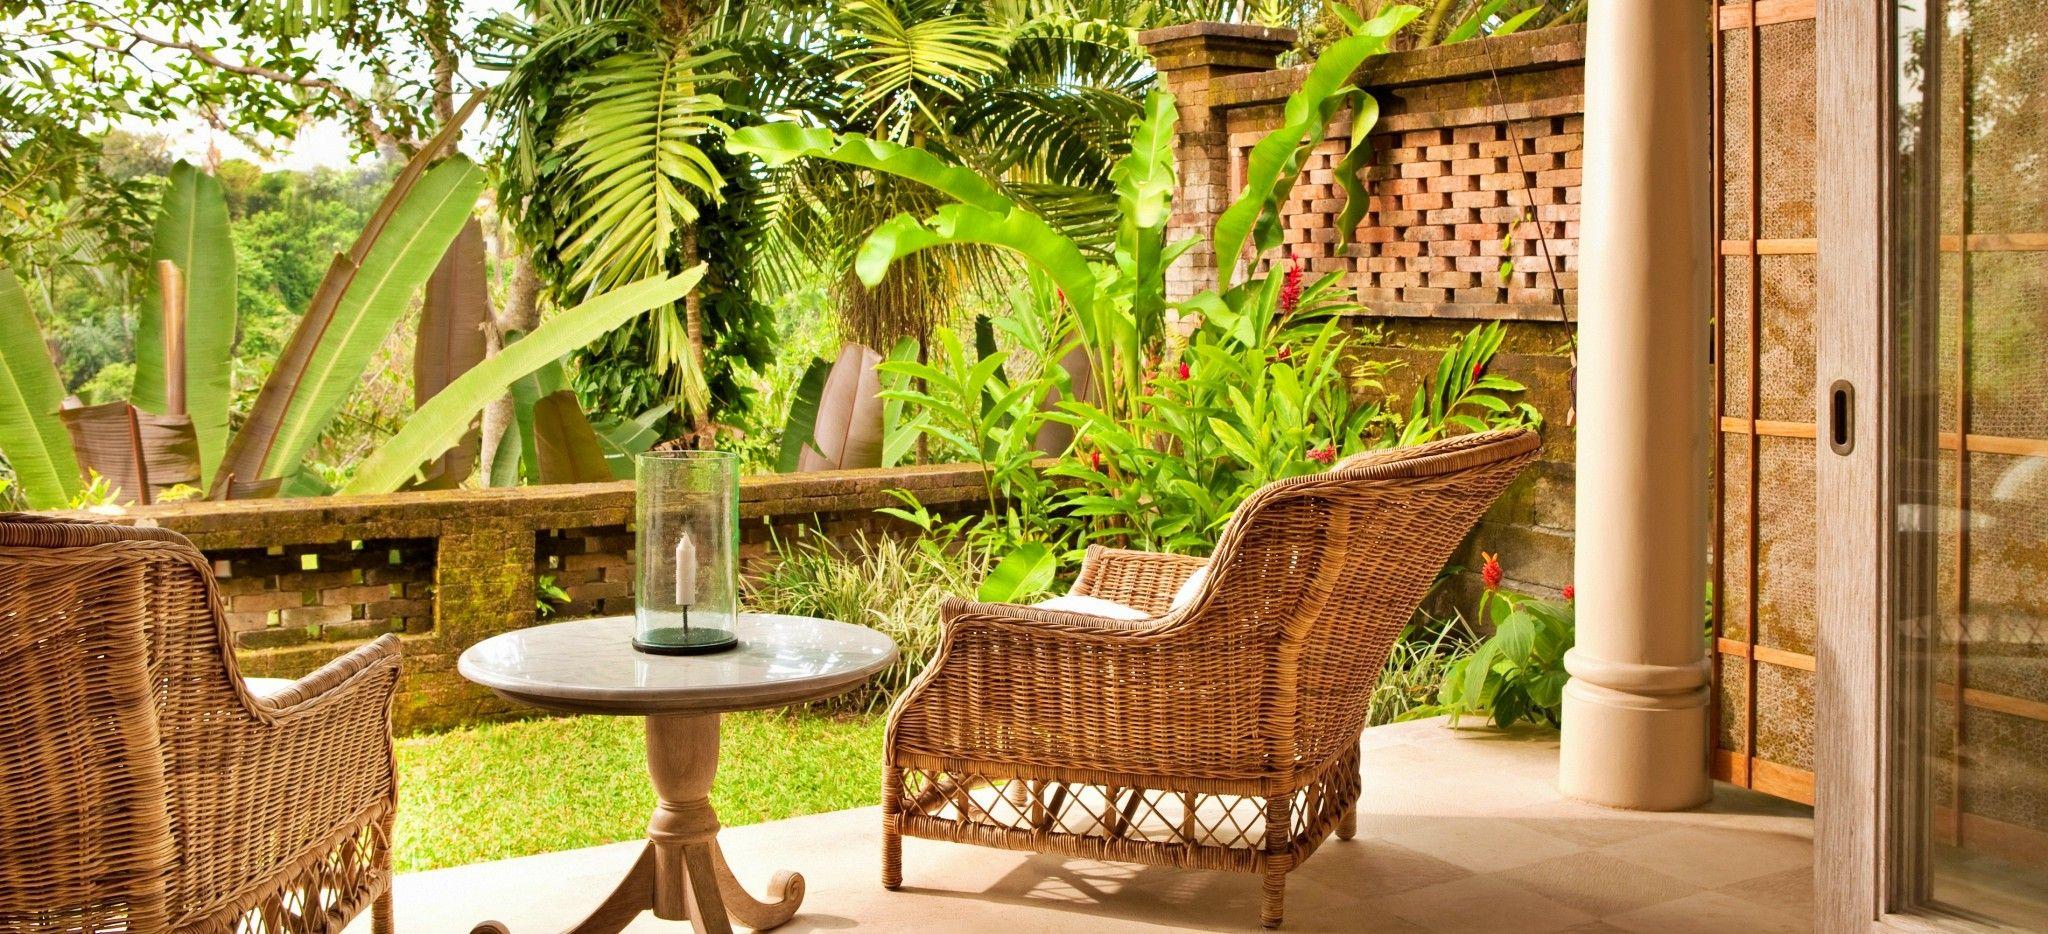 Eine Terrasse mit zwei Rattan-Sesseln mit Blick auf einen balinesischen Garten